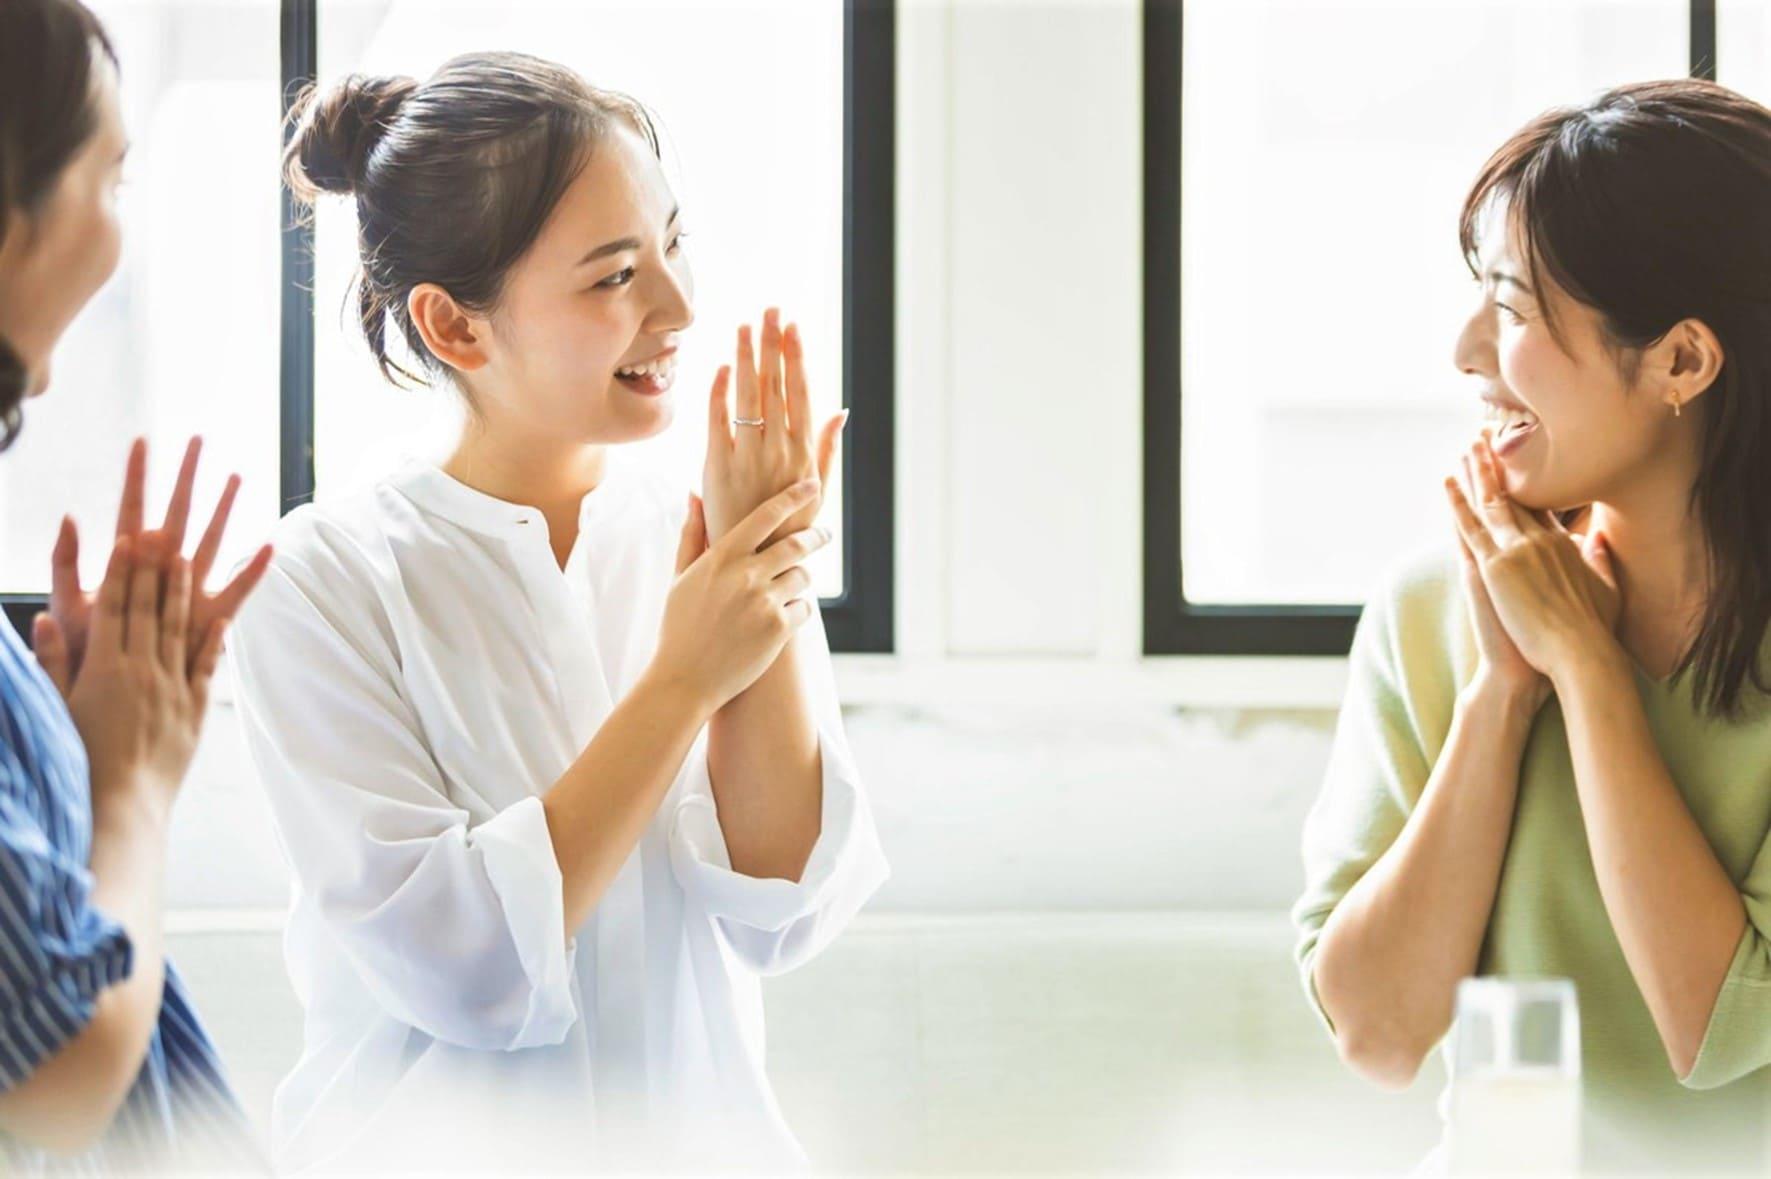 結婚報告は、いつ・誰に・どのように?スムーズに進めるポイント